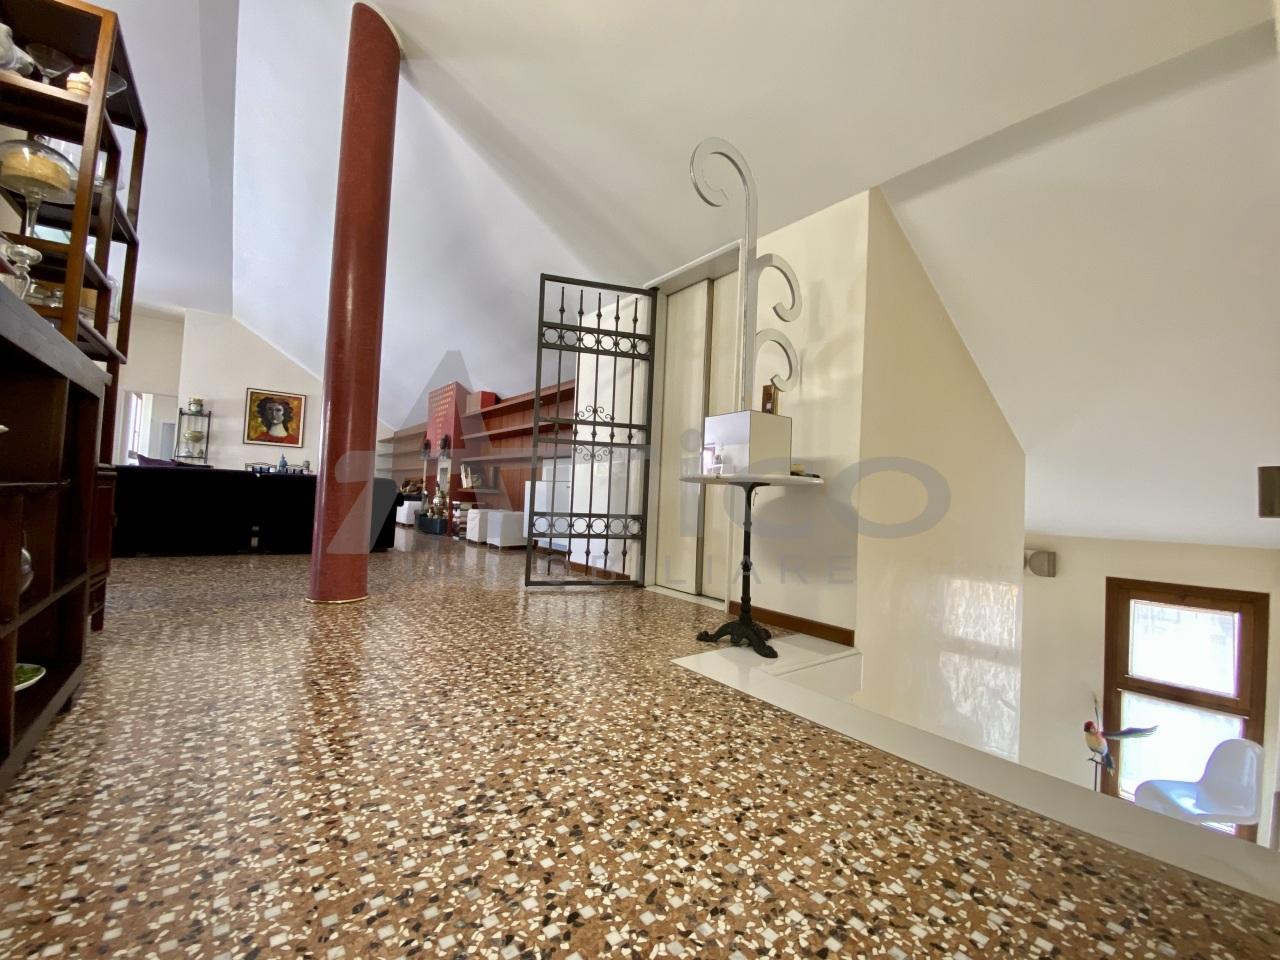 Attico / Mansarda in vendita a Rovigo, 14 locali, Trattative riservate | PortaleAgenzieImmobiliari.it